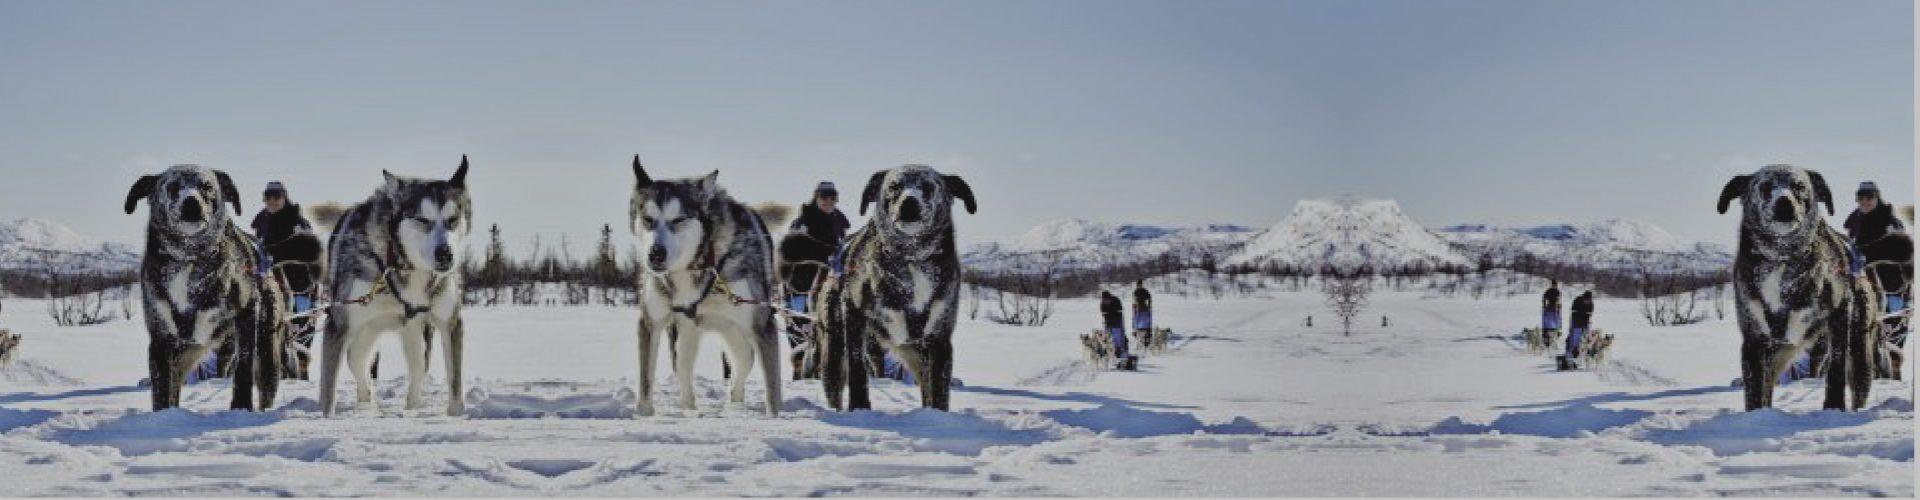 Winterpad, testato nel rigido clima polare